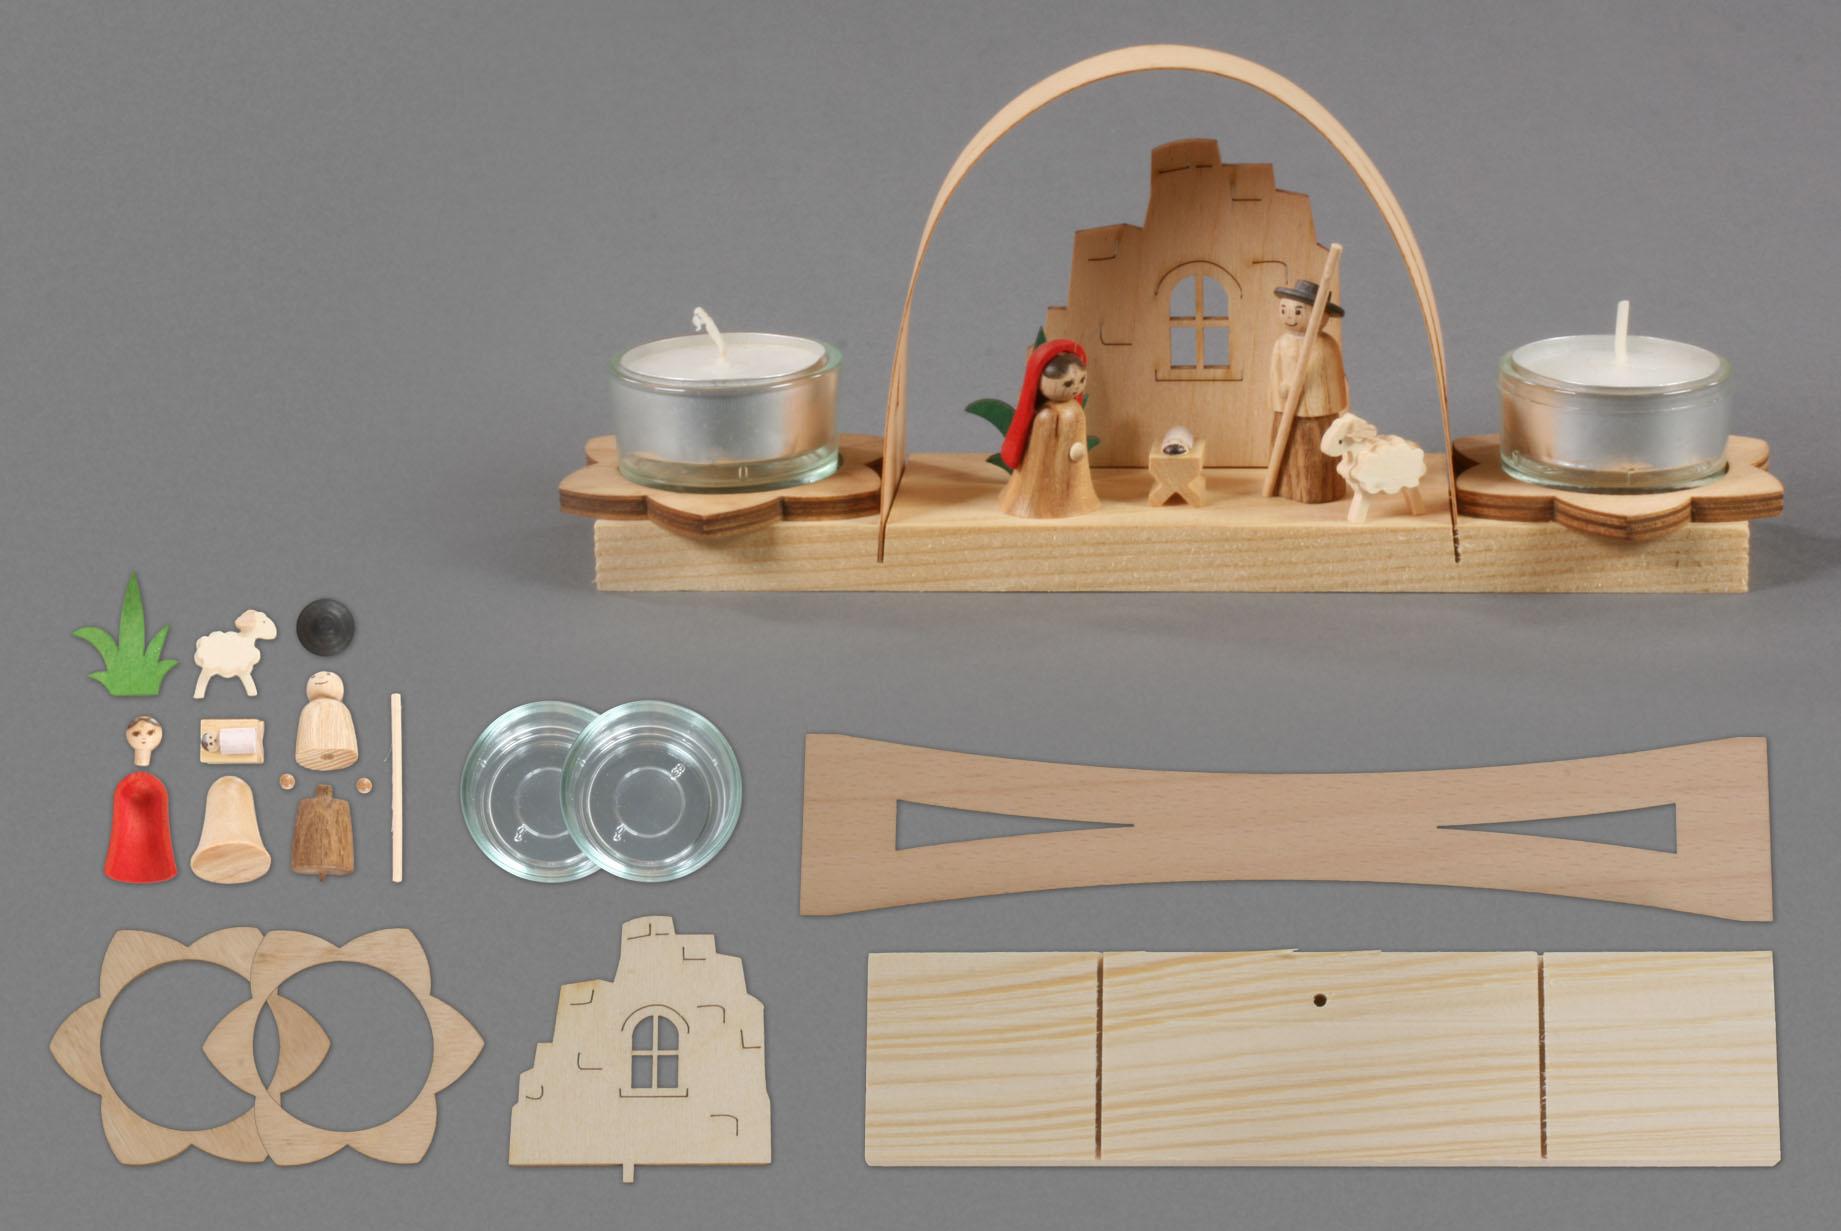 bastelsatz teelicht schwibbogen bastelsets aus holz weitere spielwaren online shop. Black Bedroom Furniture Sets. Home Design Ideas